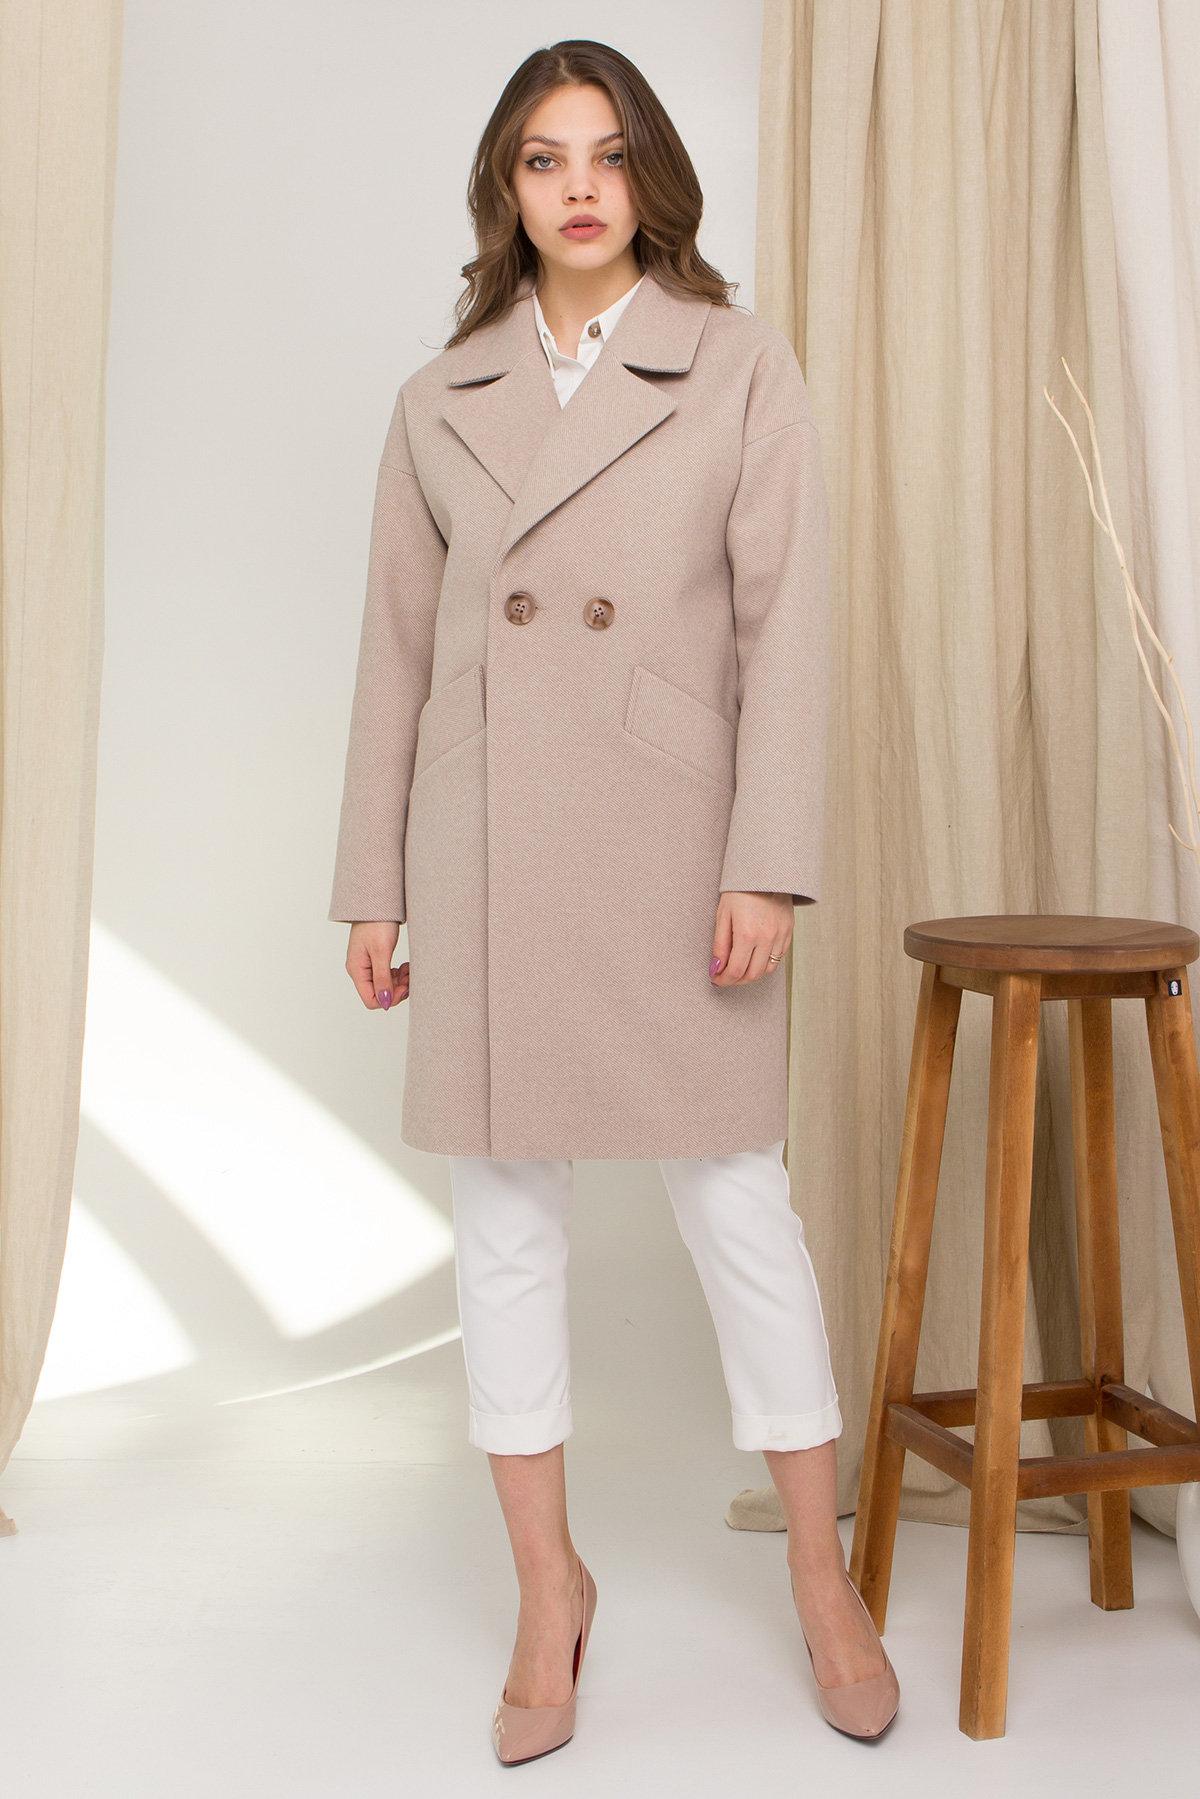 Пальто Сенсей 8907 АРТ. 45368 Цвет: Бежевый - фото 2, интернет магазин tm-modus.ru